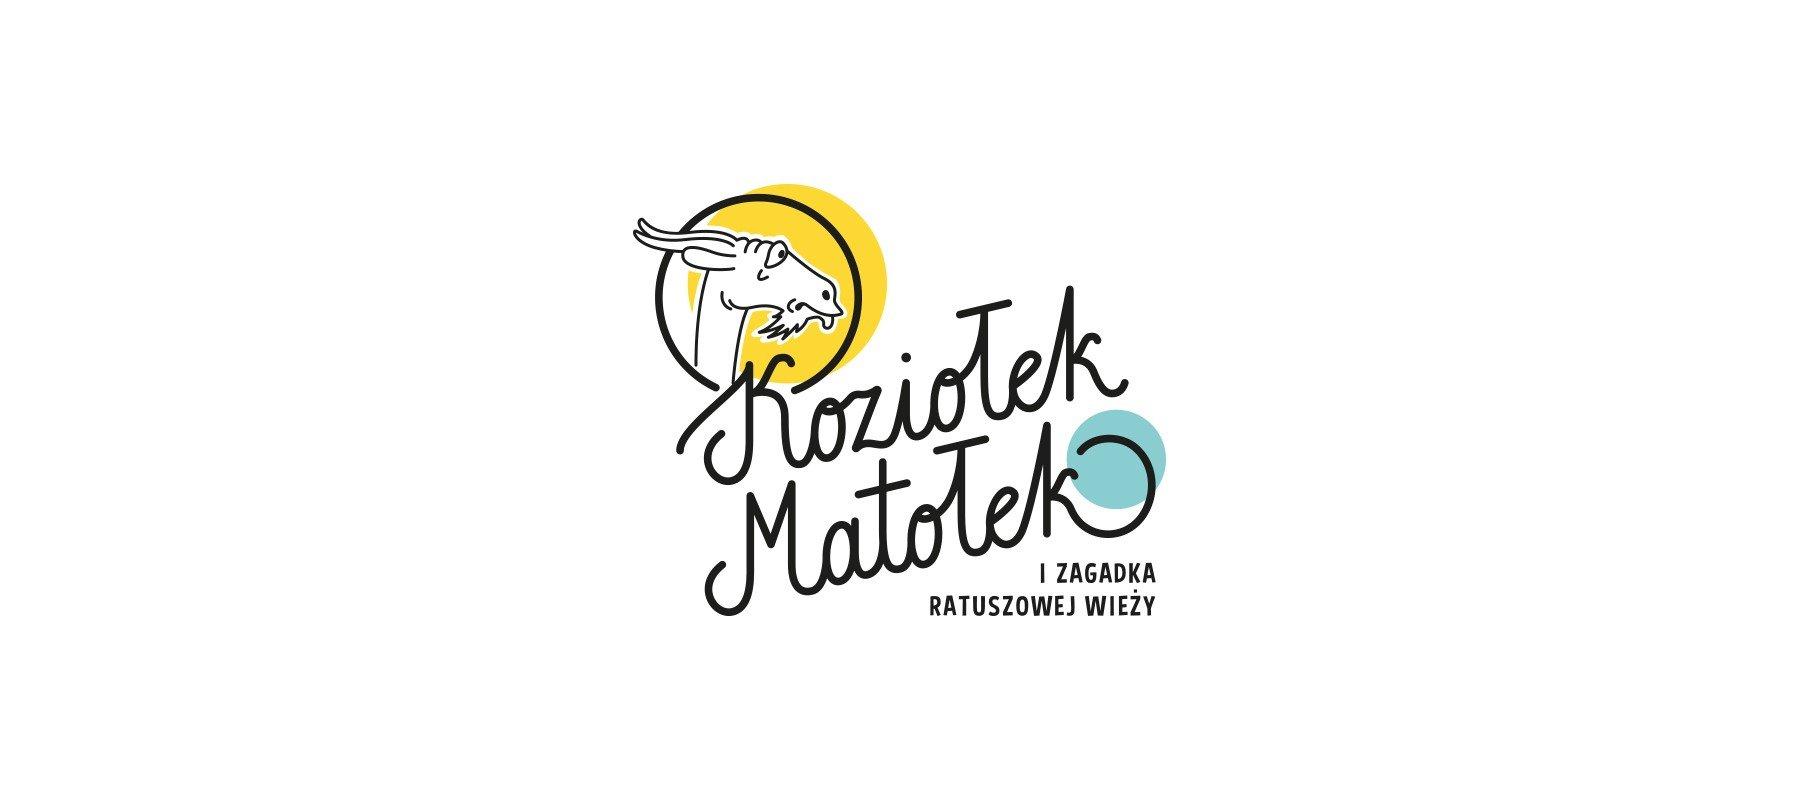 Koziołek Matołek i zagadka ratuszowej wieży - spektakl